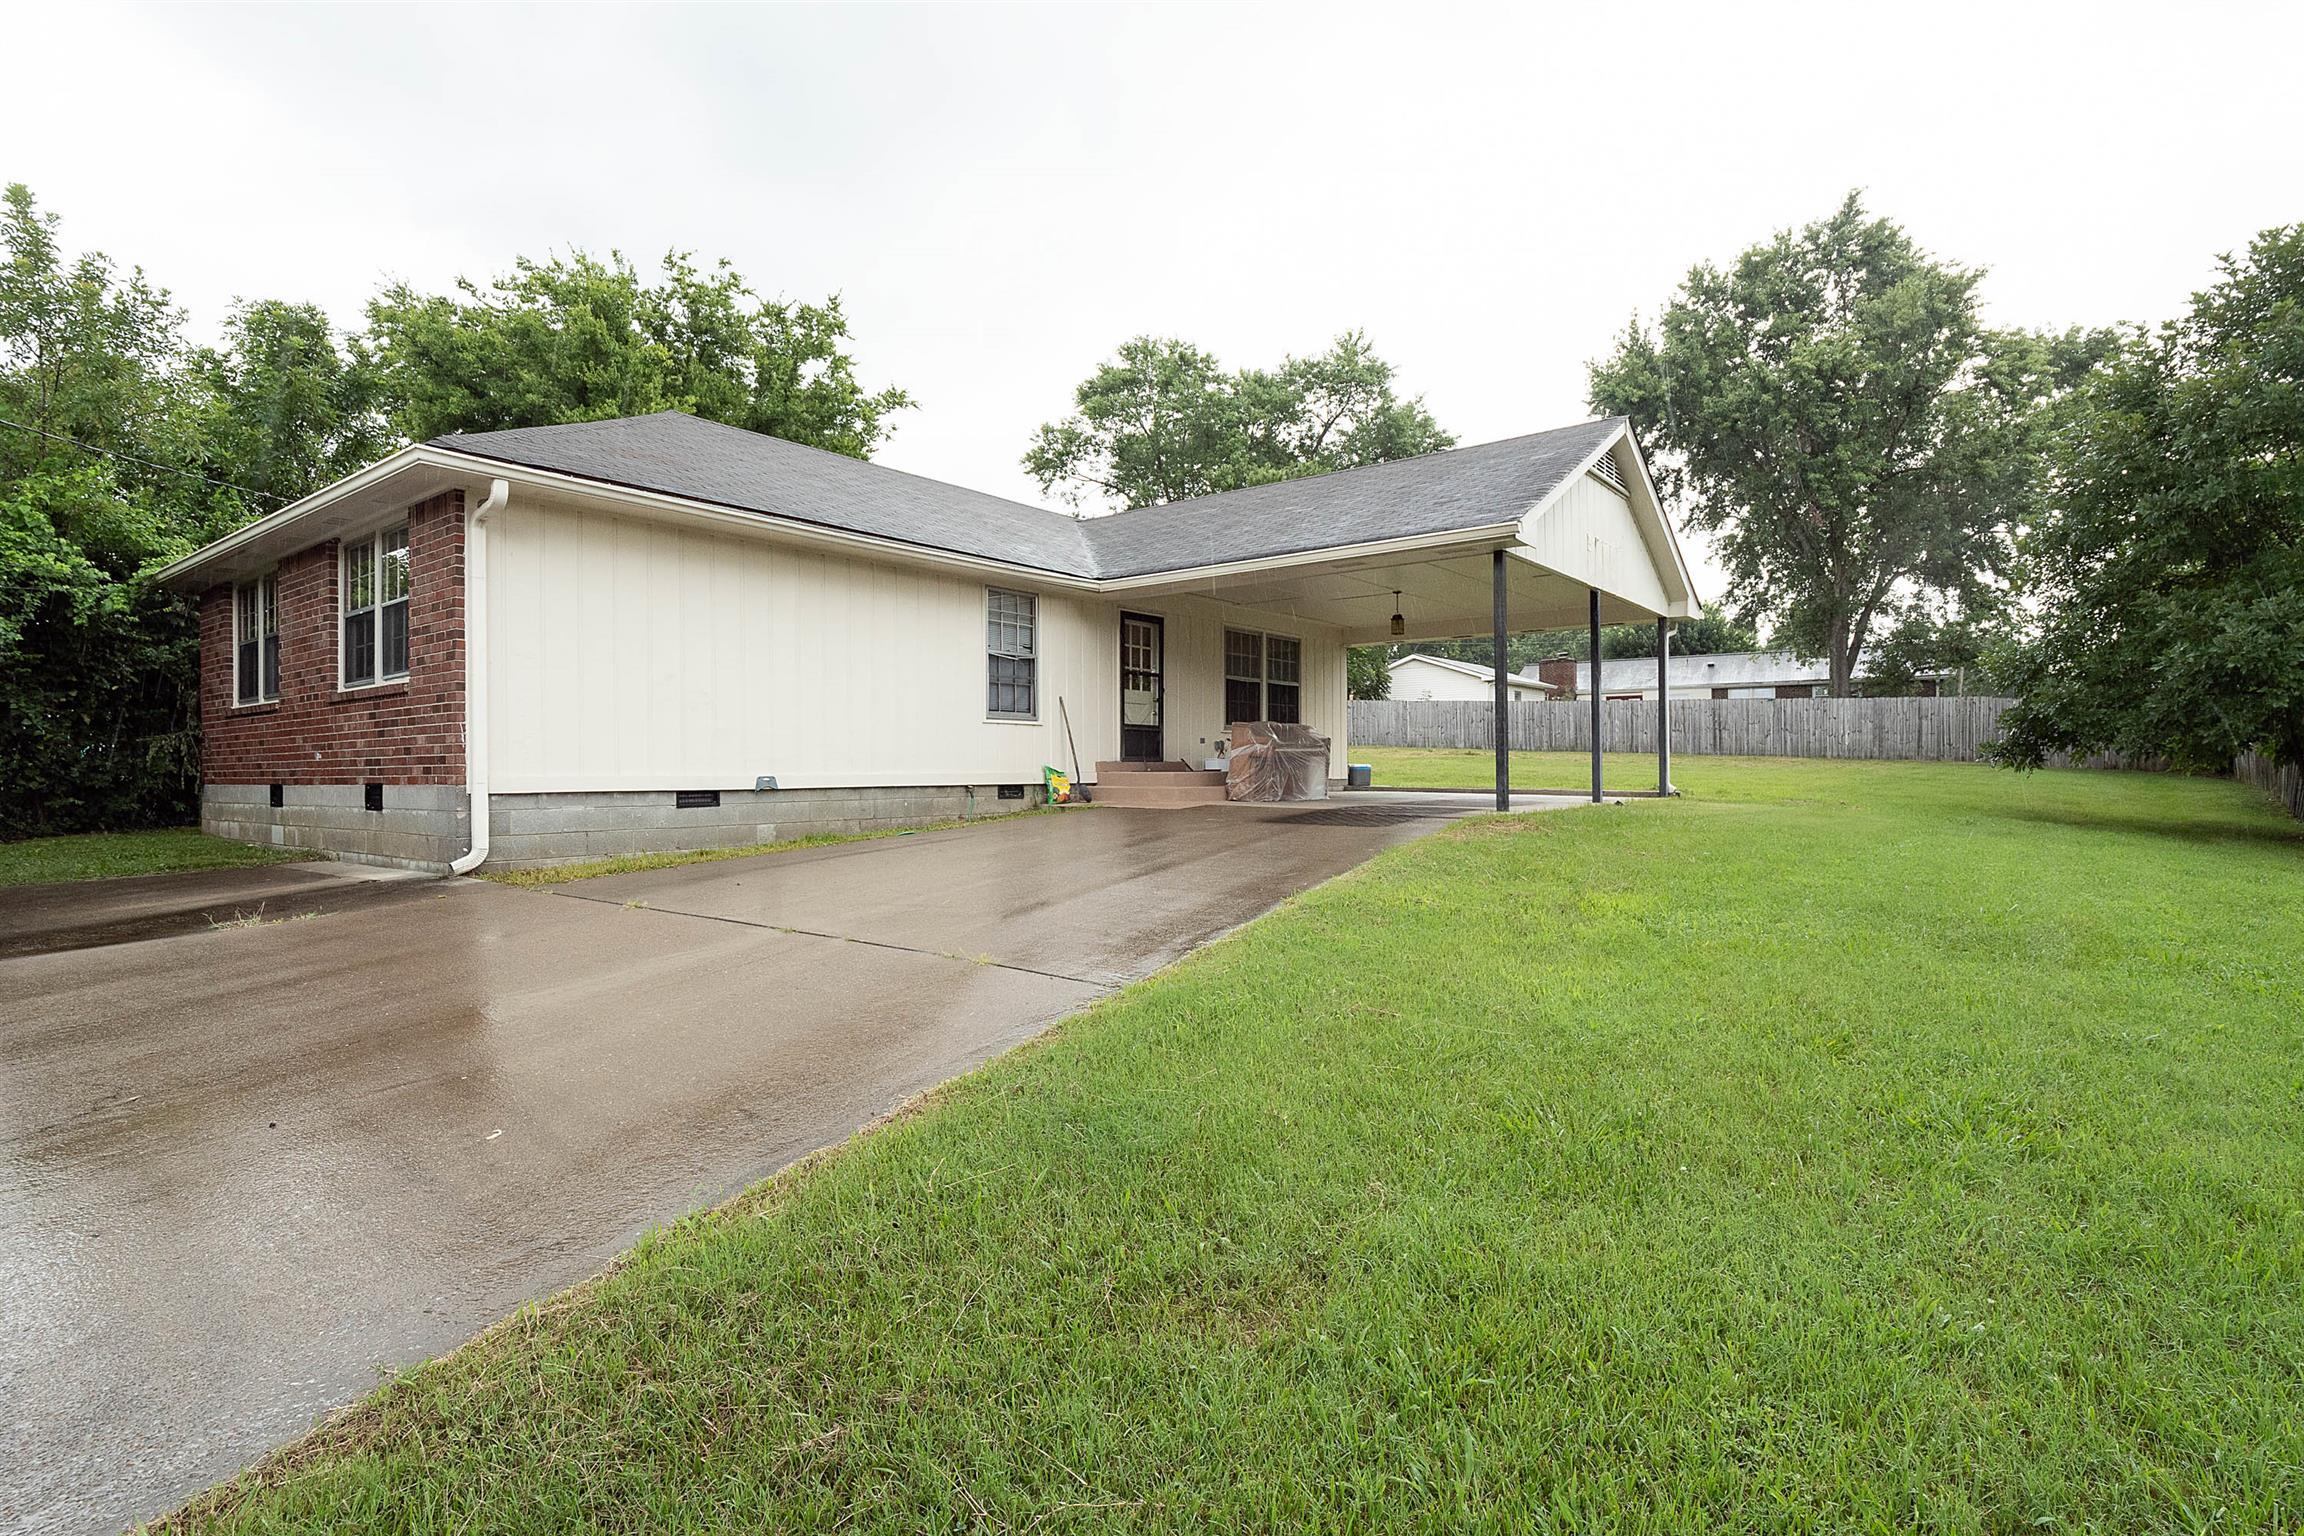 122 Yorkside Pl, Hendersonville, TN 37075 - Hendersonville, TN real estate listing